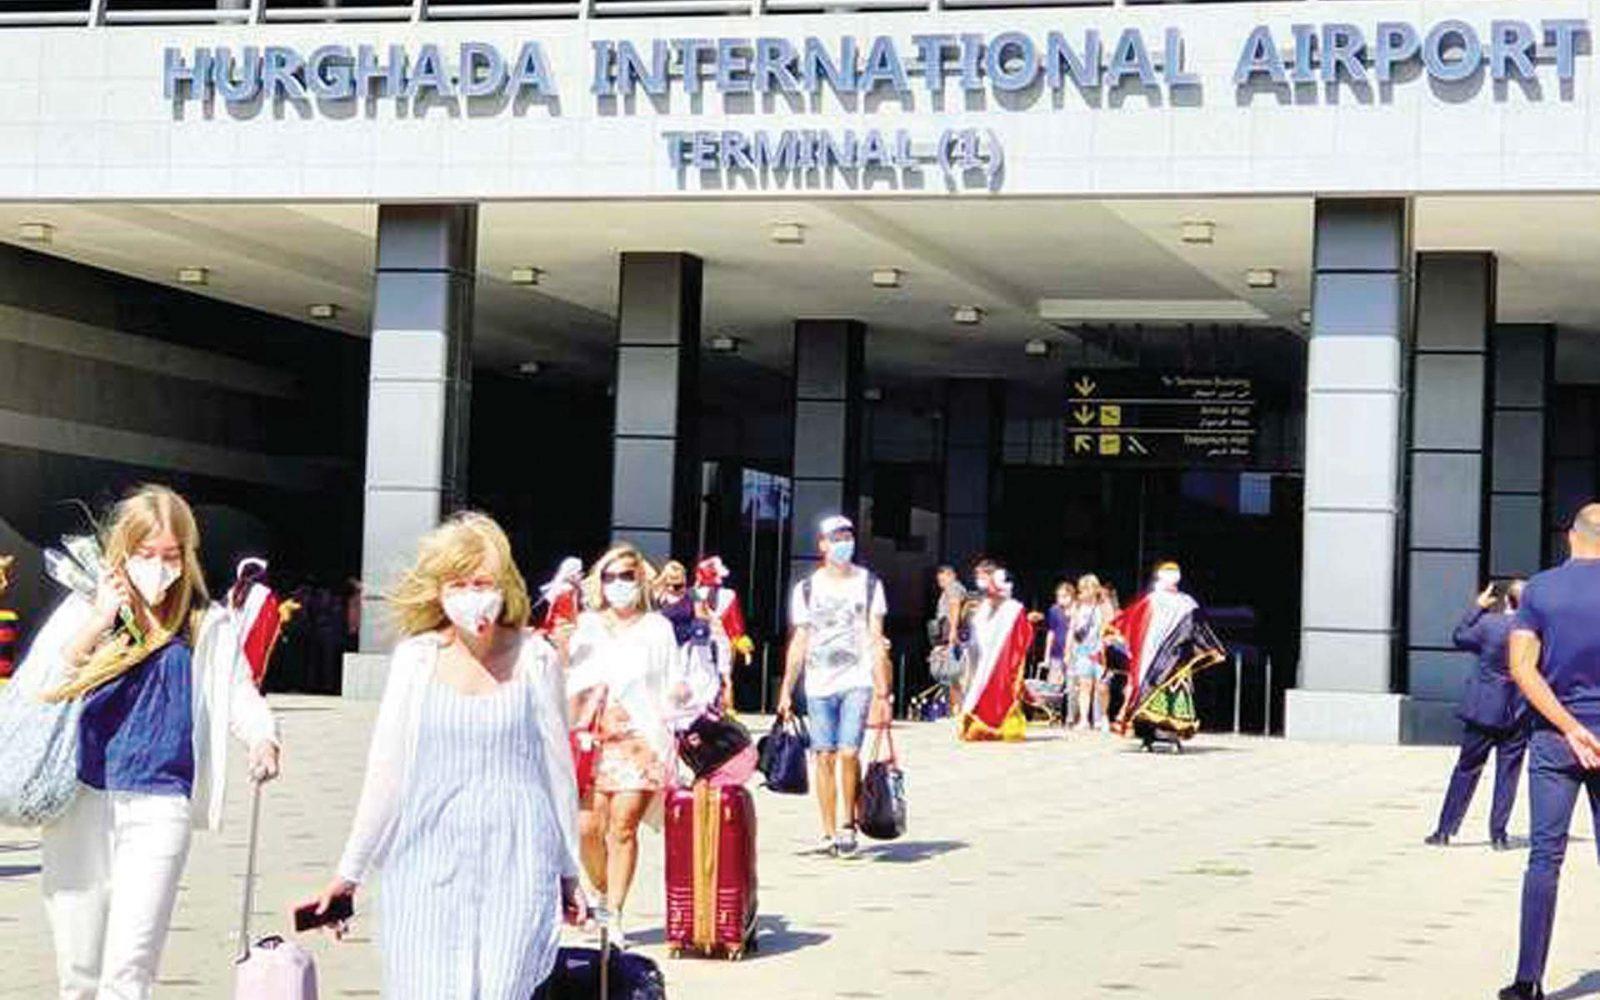 روسيا تمنح 8 شركات تصاريح إجراء رحلات إلى المنتجعات المصرية